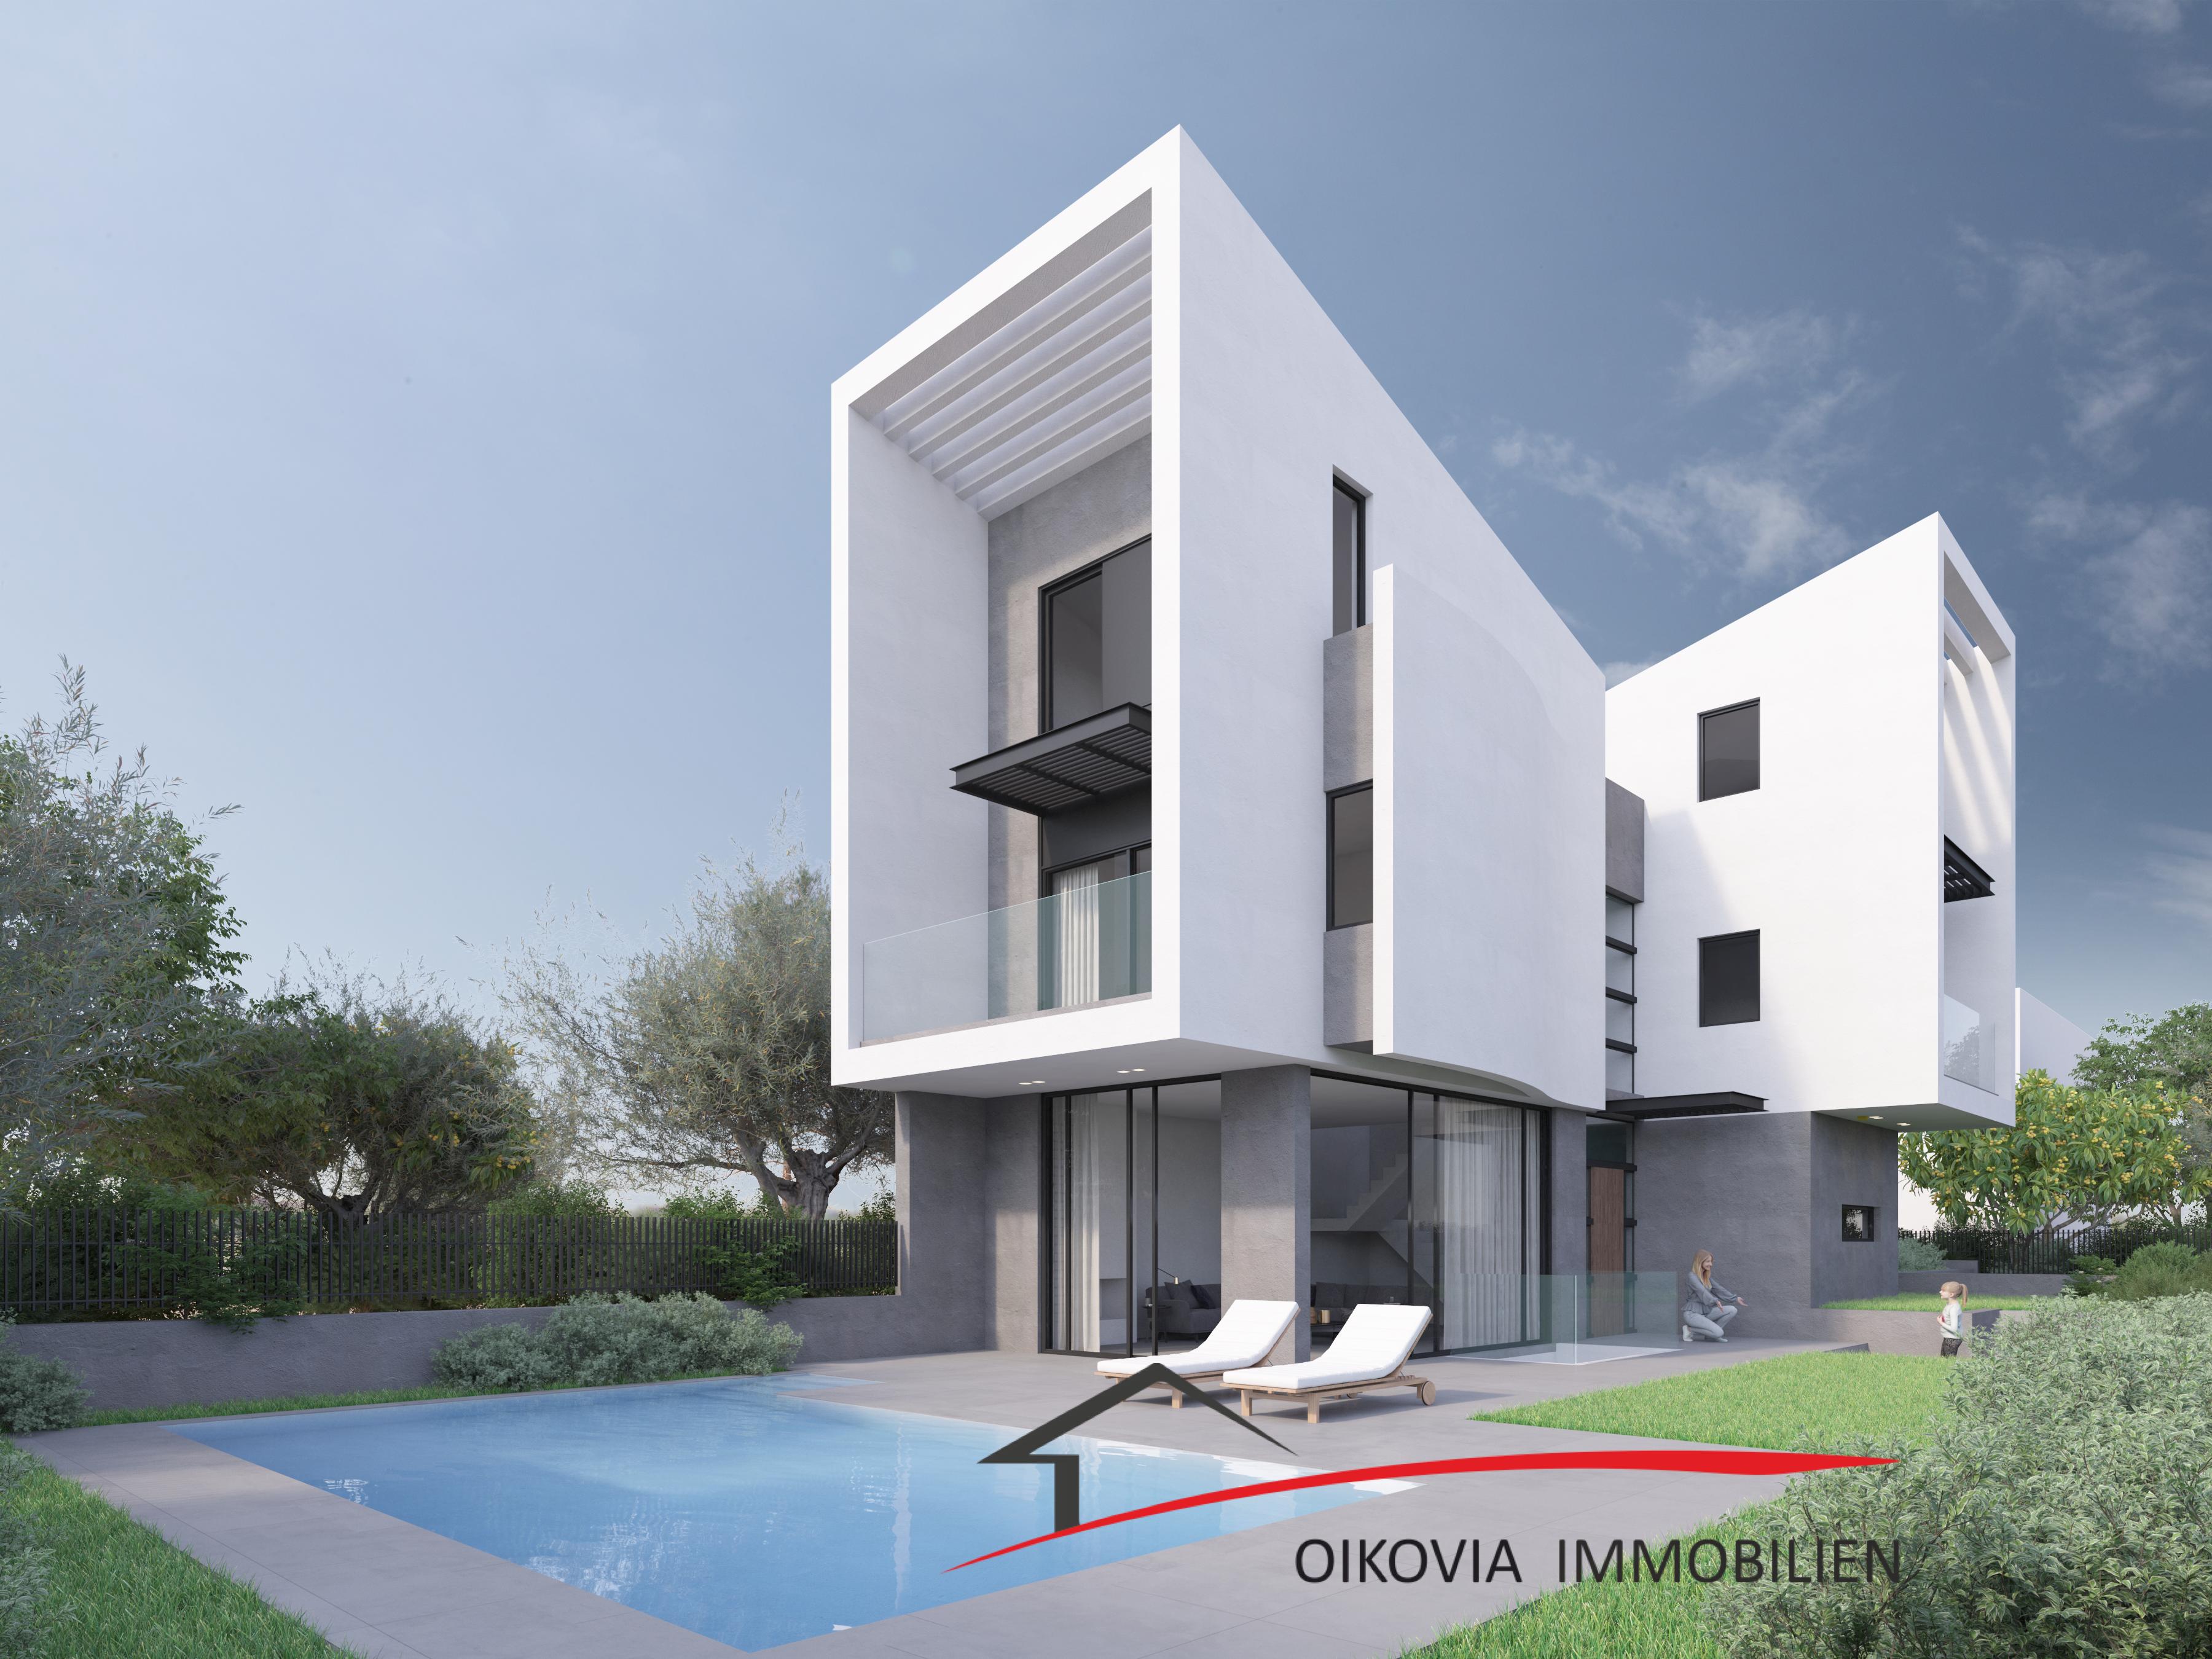 Vari-Varkiza, Korbi, Einfamilienhaus Zu Verkaufen, 286 qm, Auf Grundstück 370 qm,